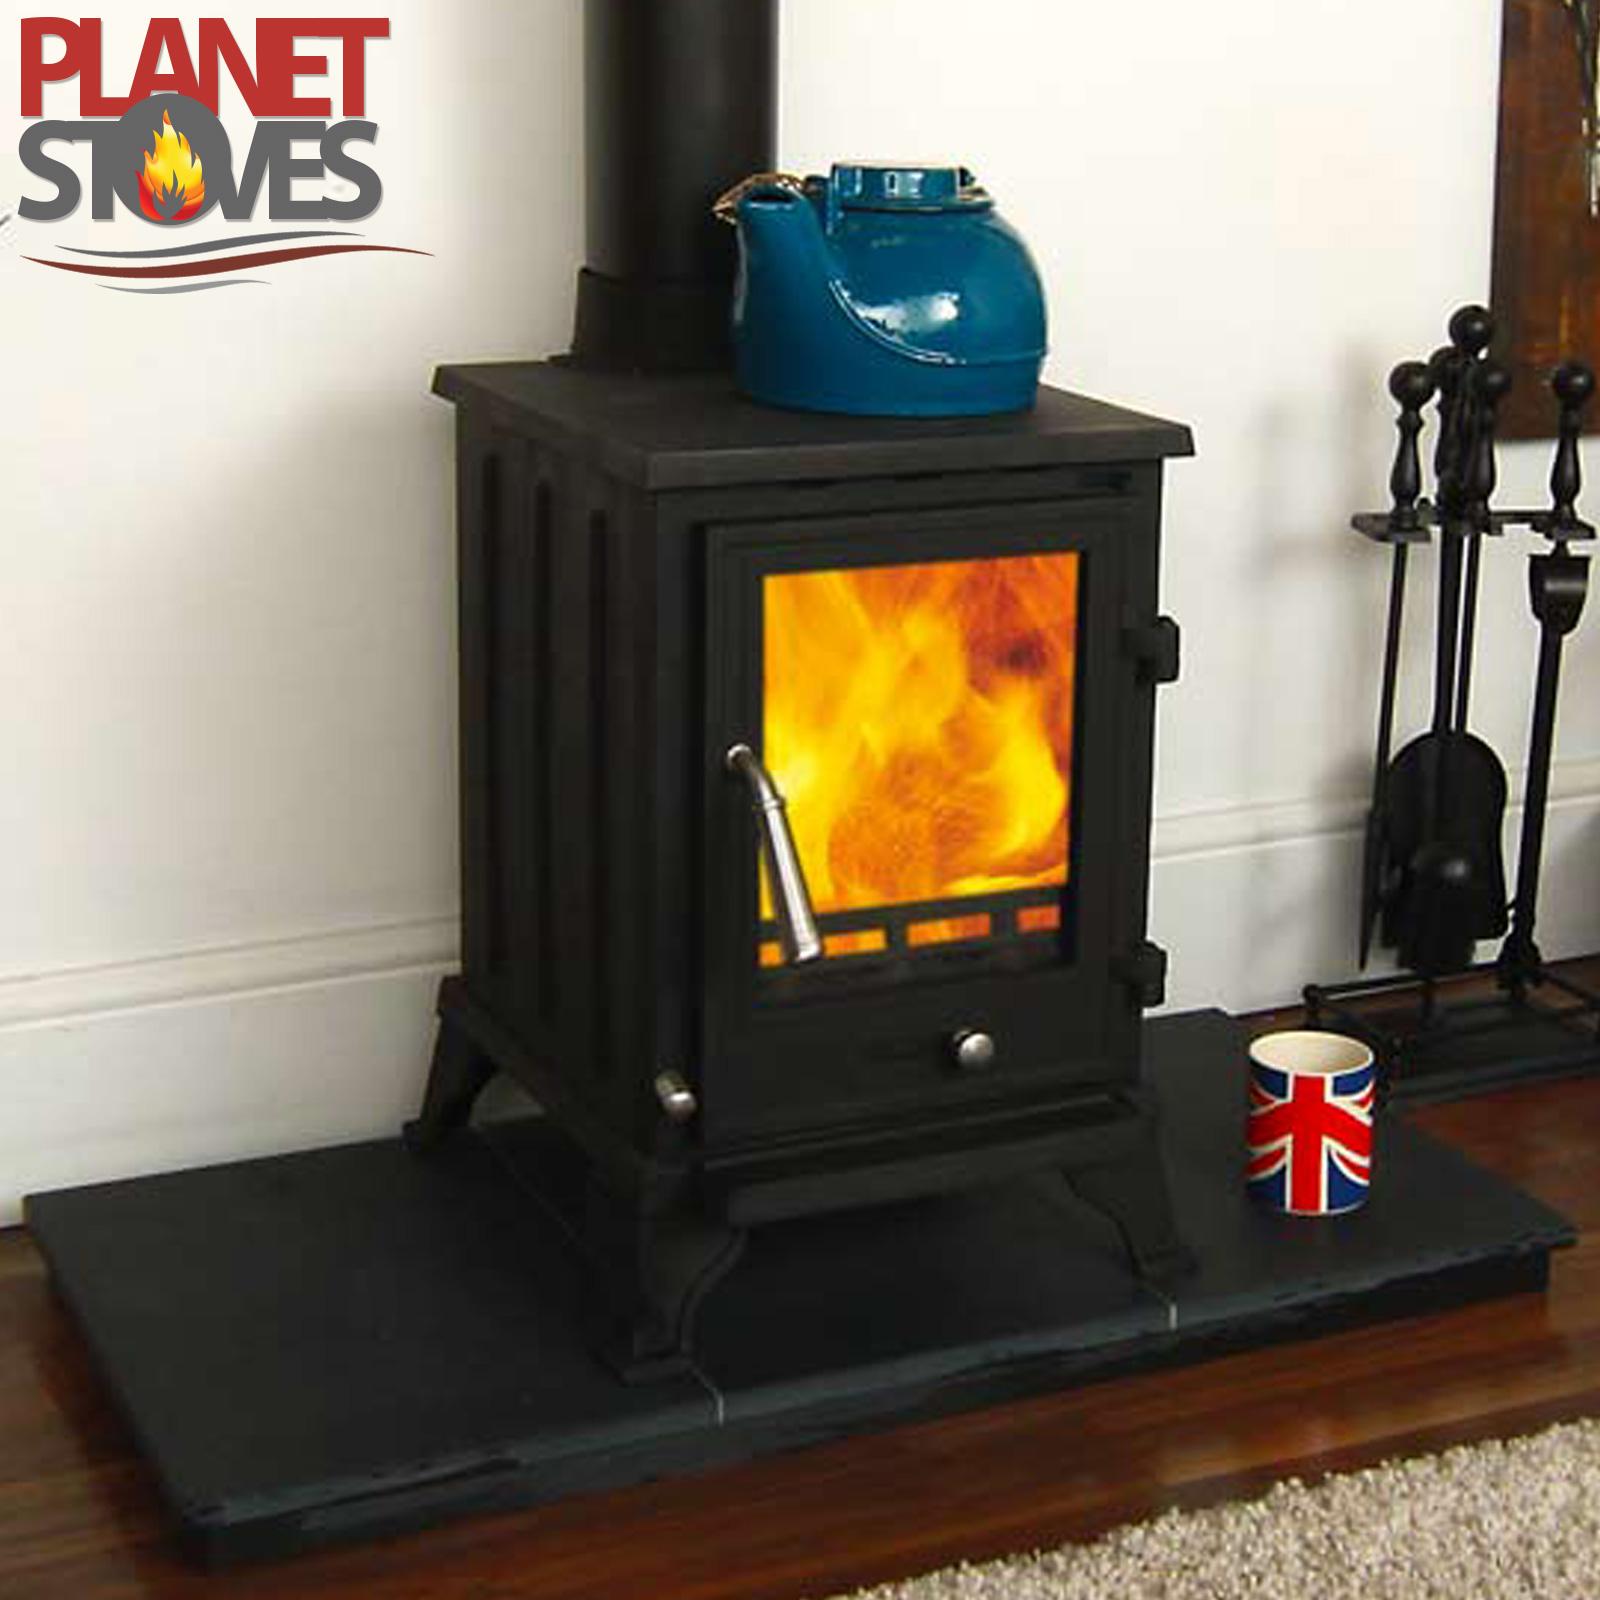 Rosa 5kw Wood Burning Stove Multifuel Log Burner Cast Iron